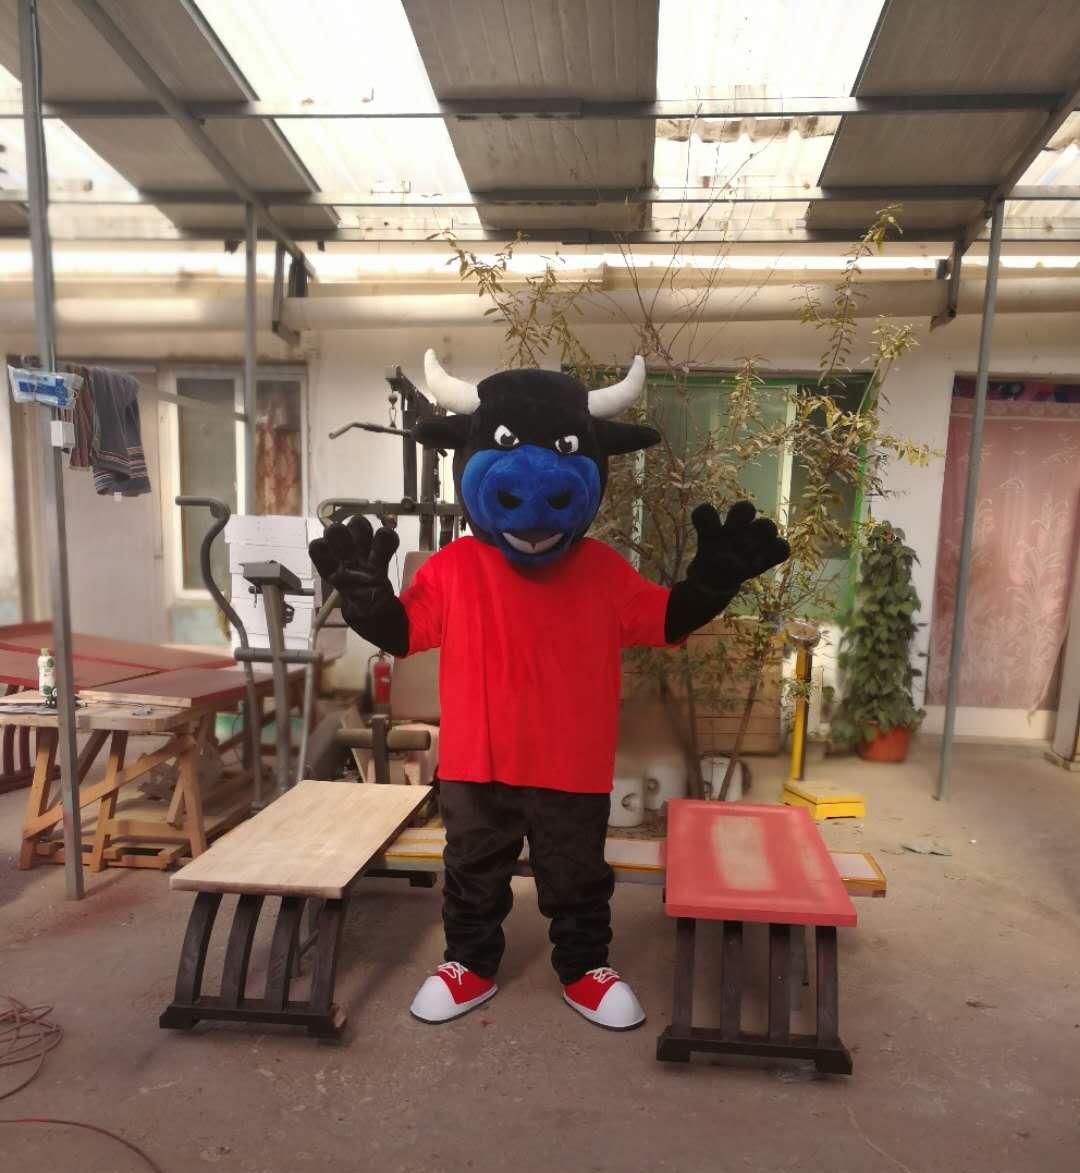 Produsen Badut Event Murah Karakter Hewan Bison